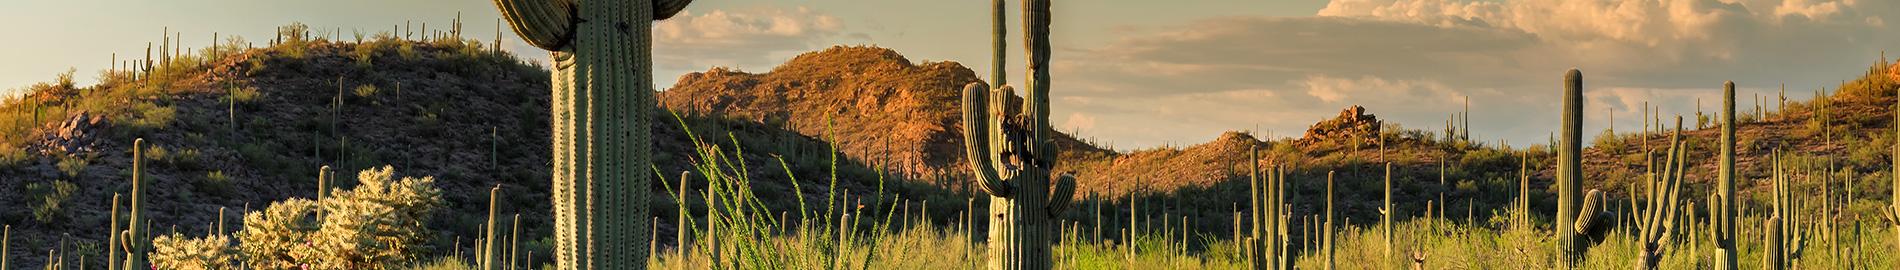 Summertime Cactus Landscape